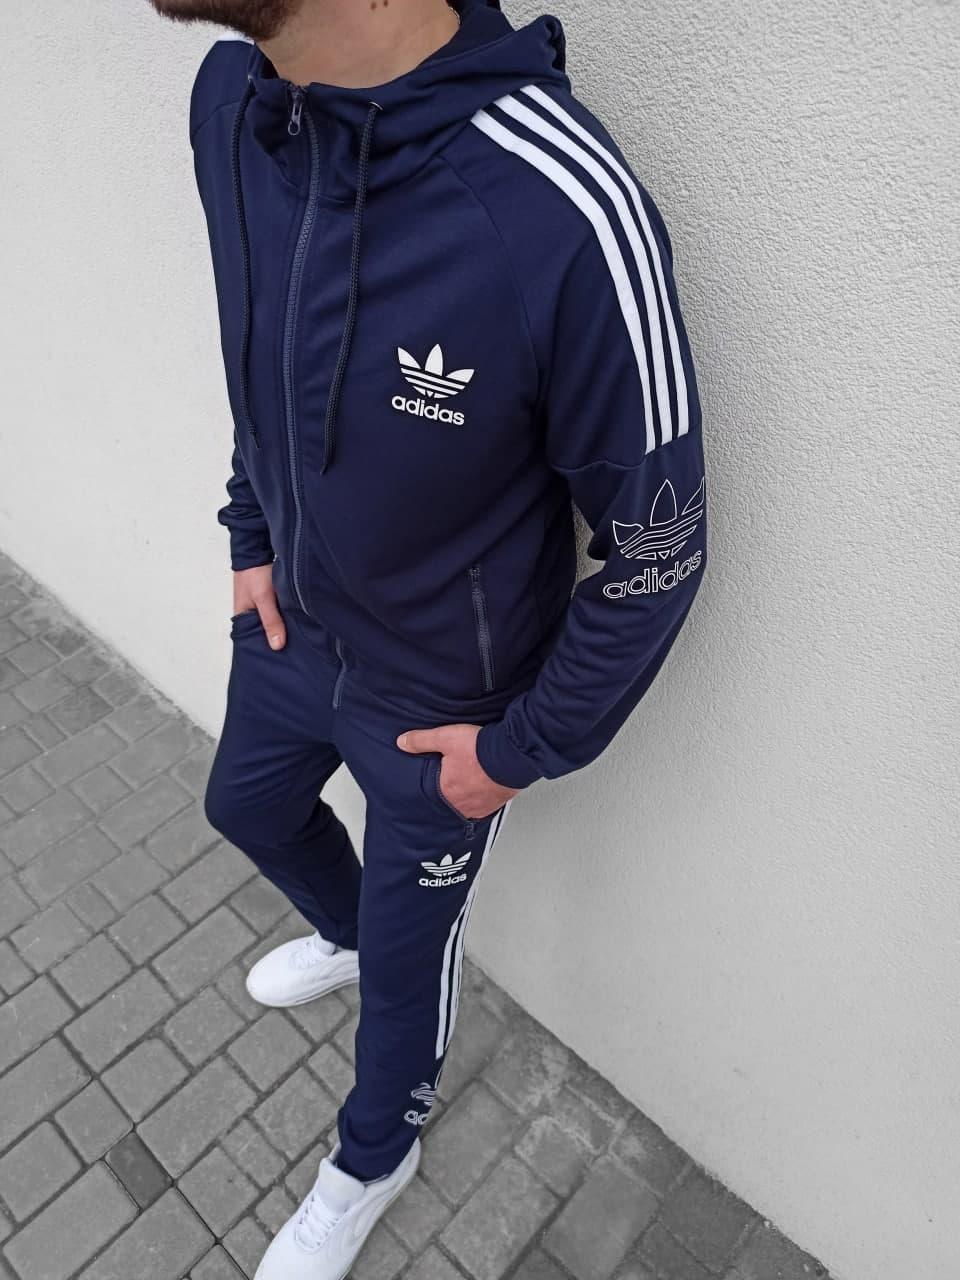 Adidas Мужской темно синий спортивный костюм с капюшоном осень весна.Кофта+штаны демисезонный